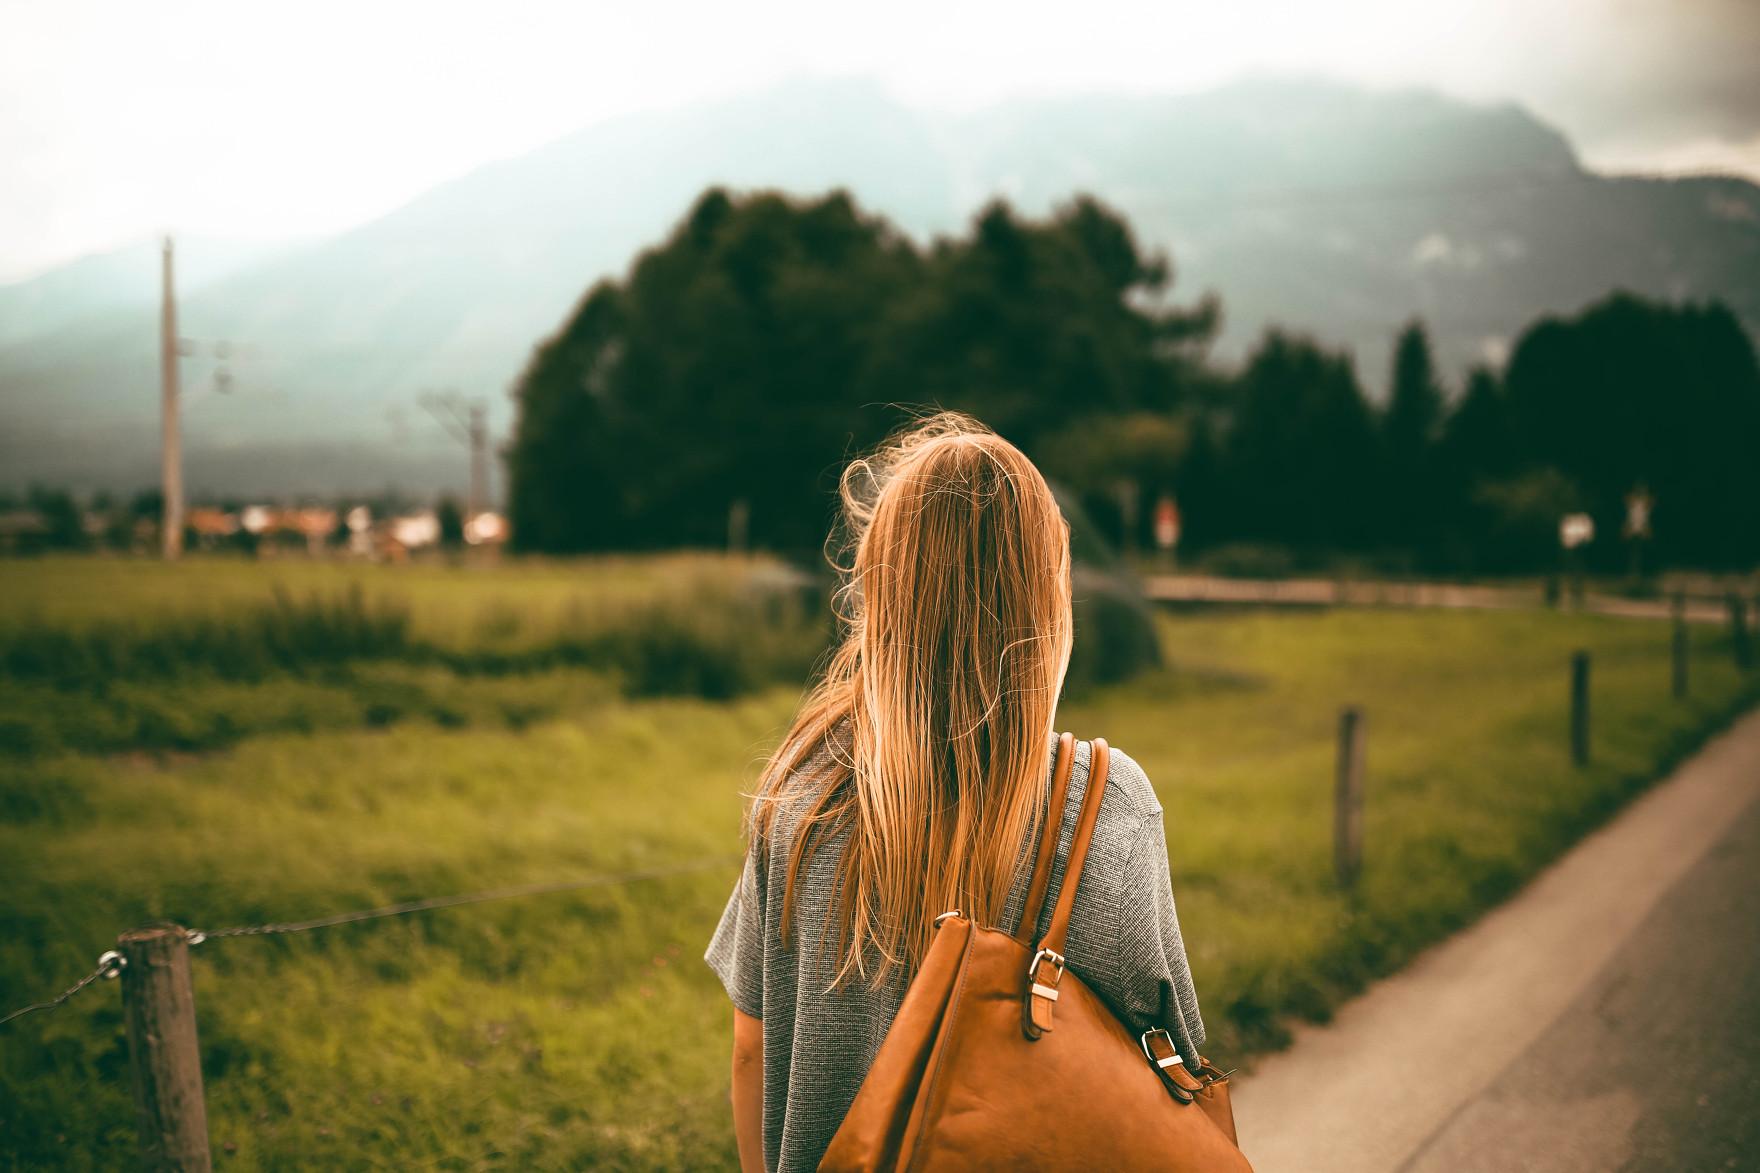 Síndrome de la repatriación: cuando te das de bruces con la realidad